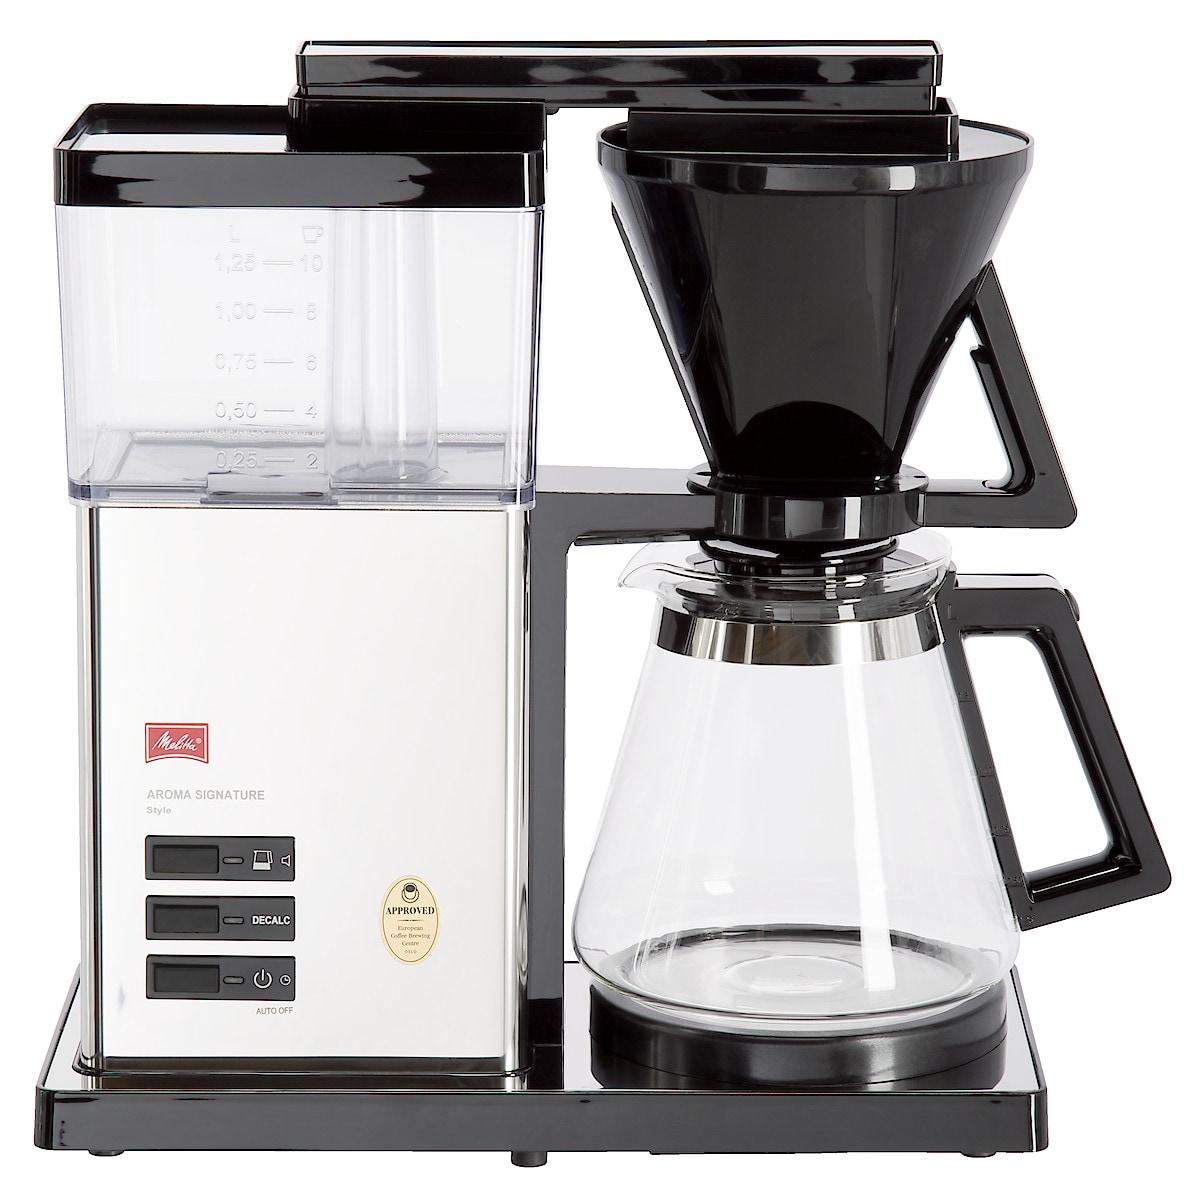 Kaffebryggare Melitta AromaSignature DeLuxe Style